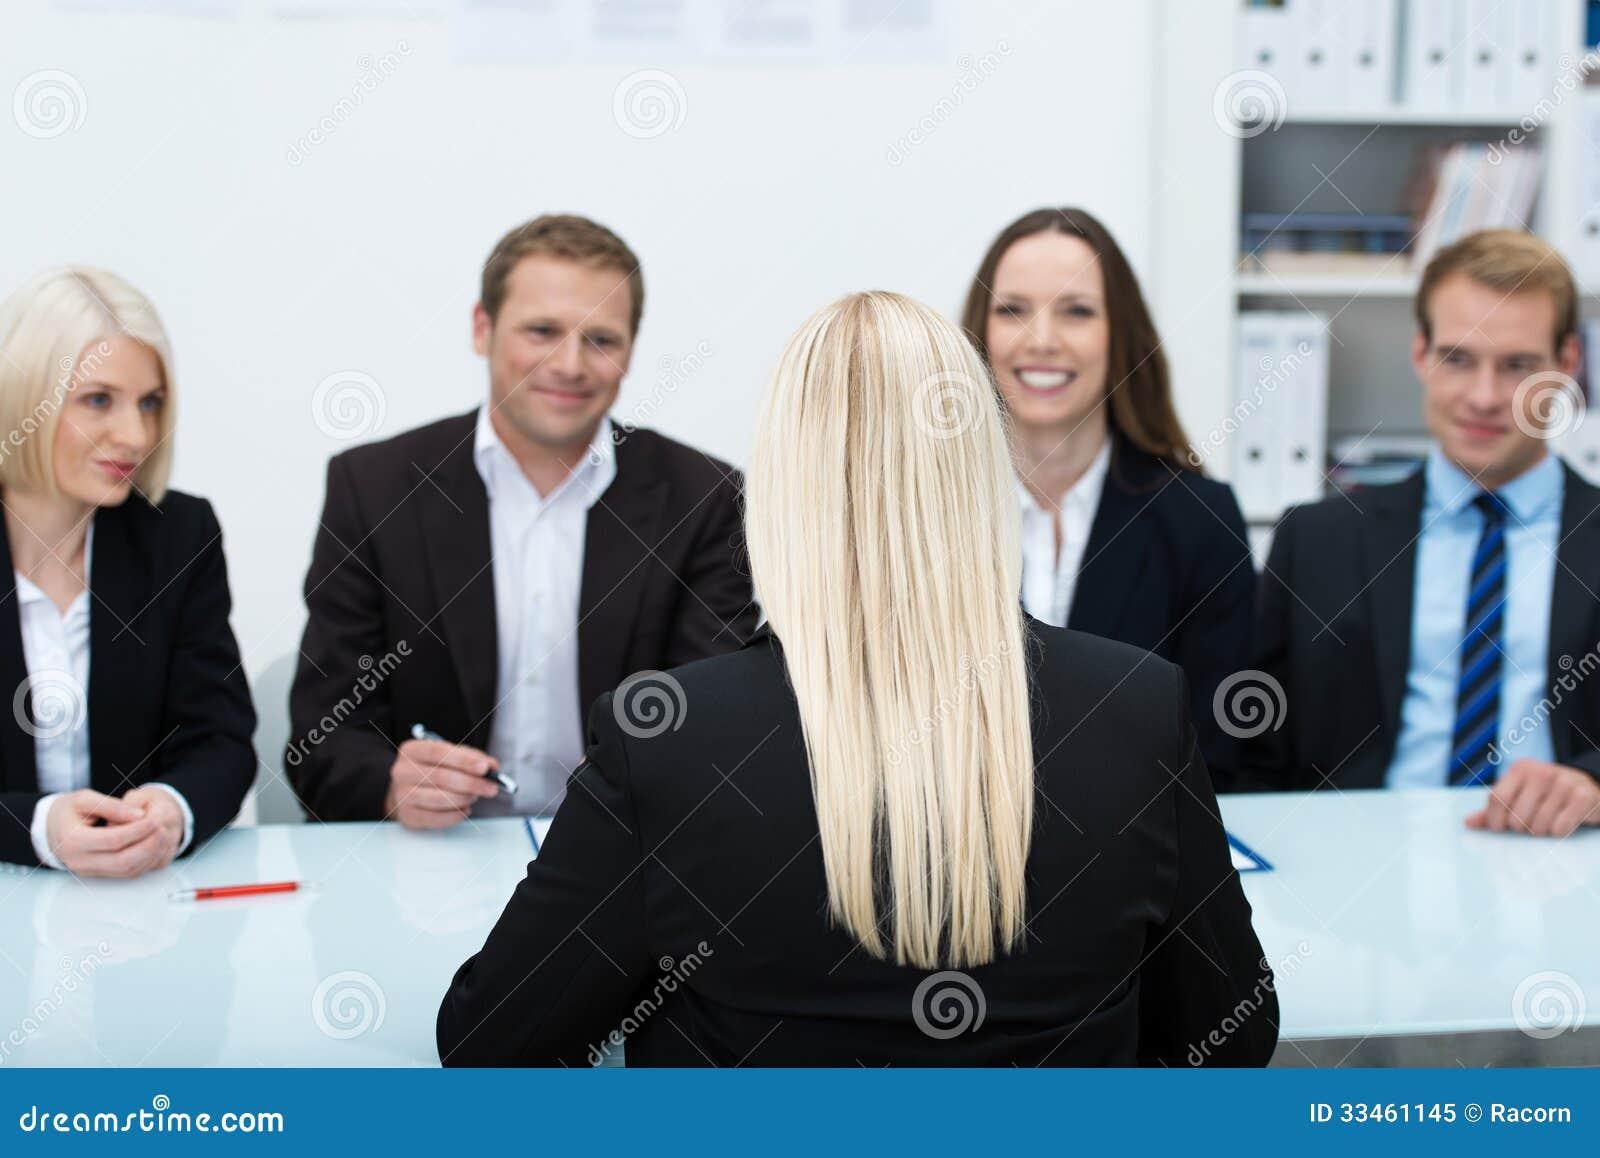 Candidato de trabalho em uma entrevista